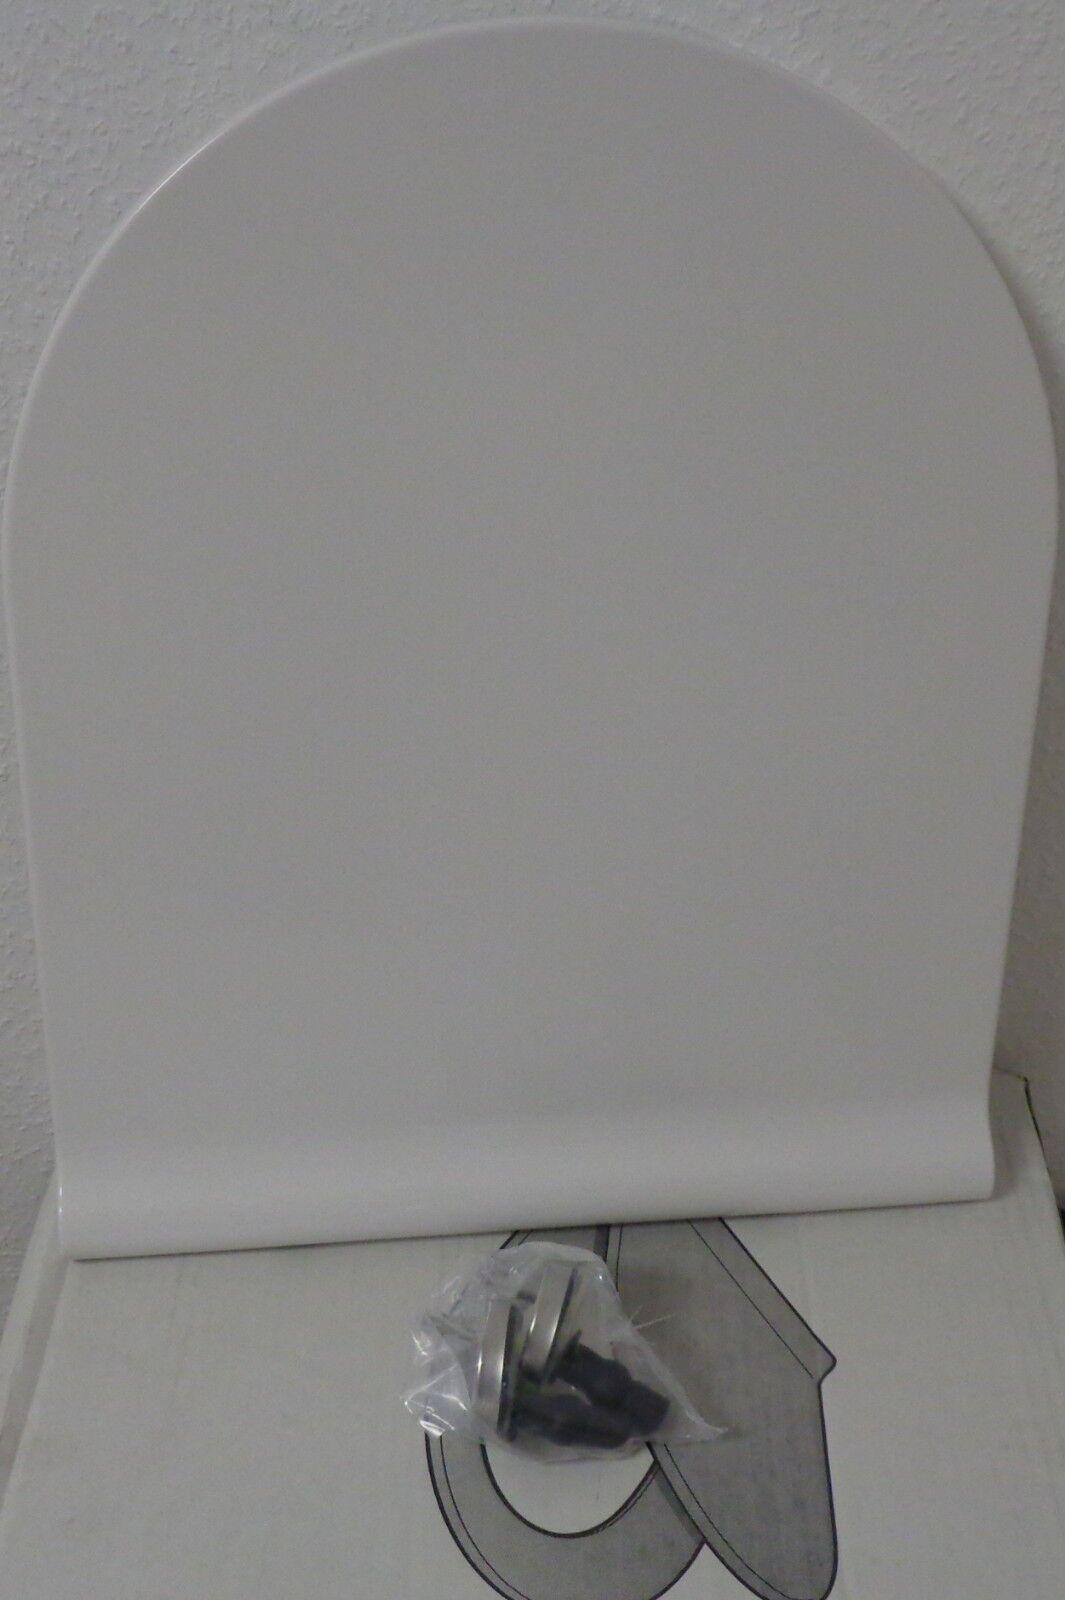 WC Sitz SLIM Roca NEXO weiss mit Deckel Softclose Absenkautomatik TakeOFF